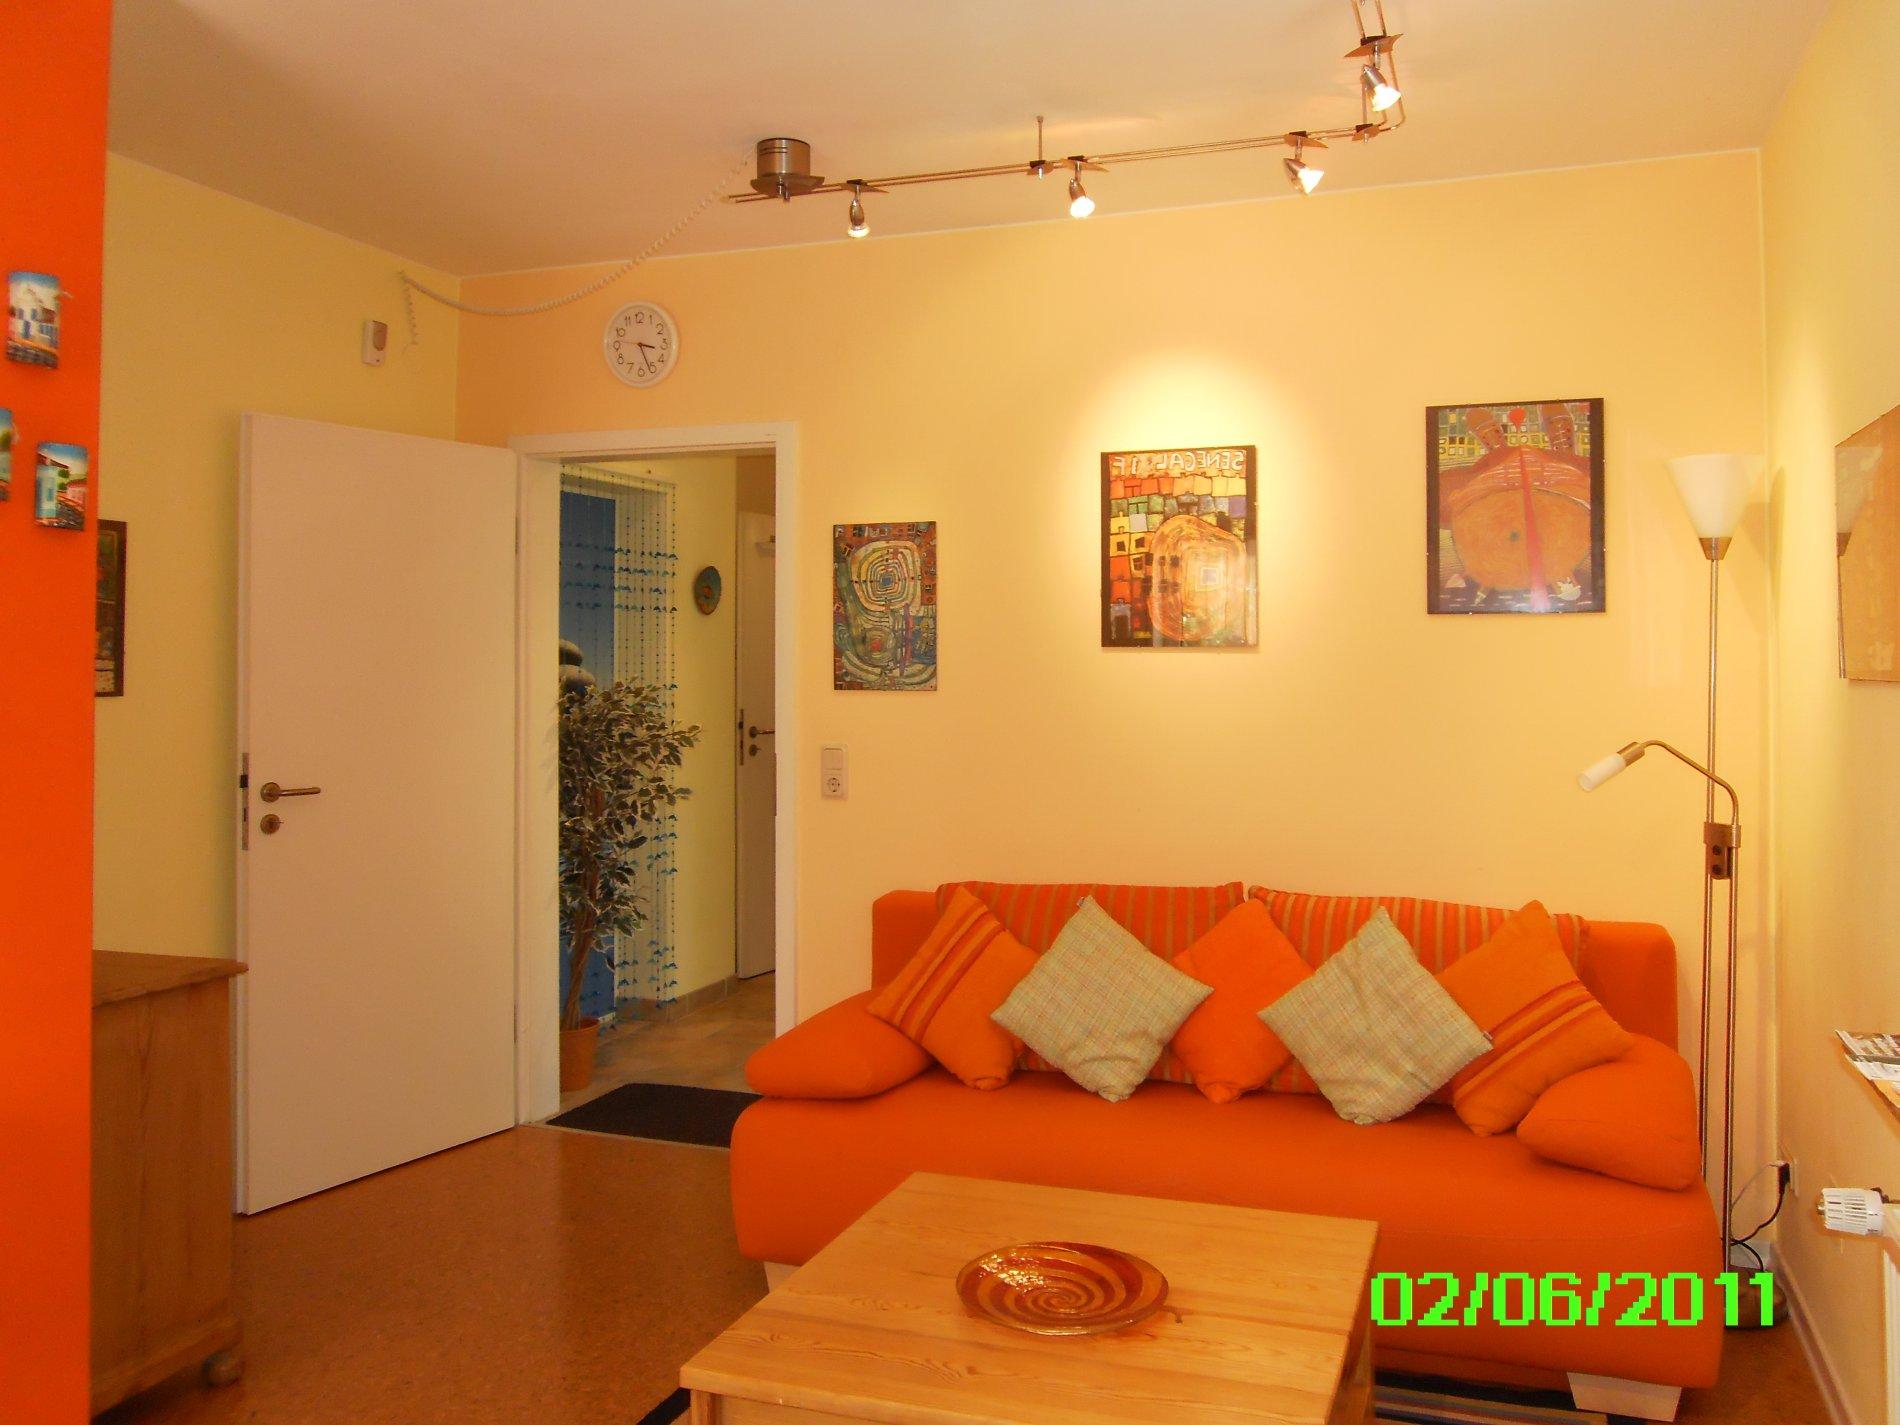 Wohnzimmer mit Sofa, Couchtisch und Fernseher